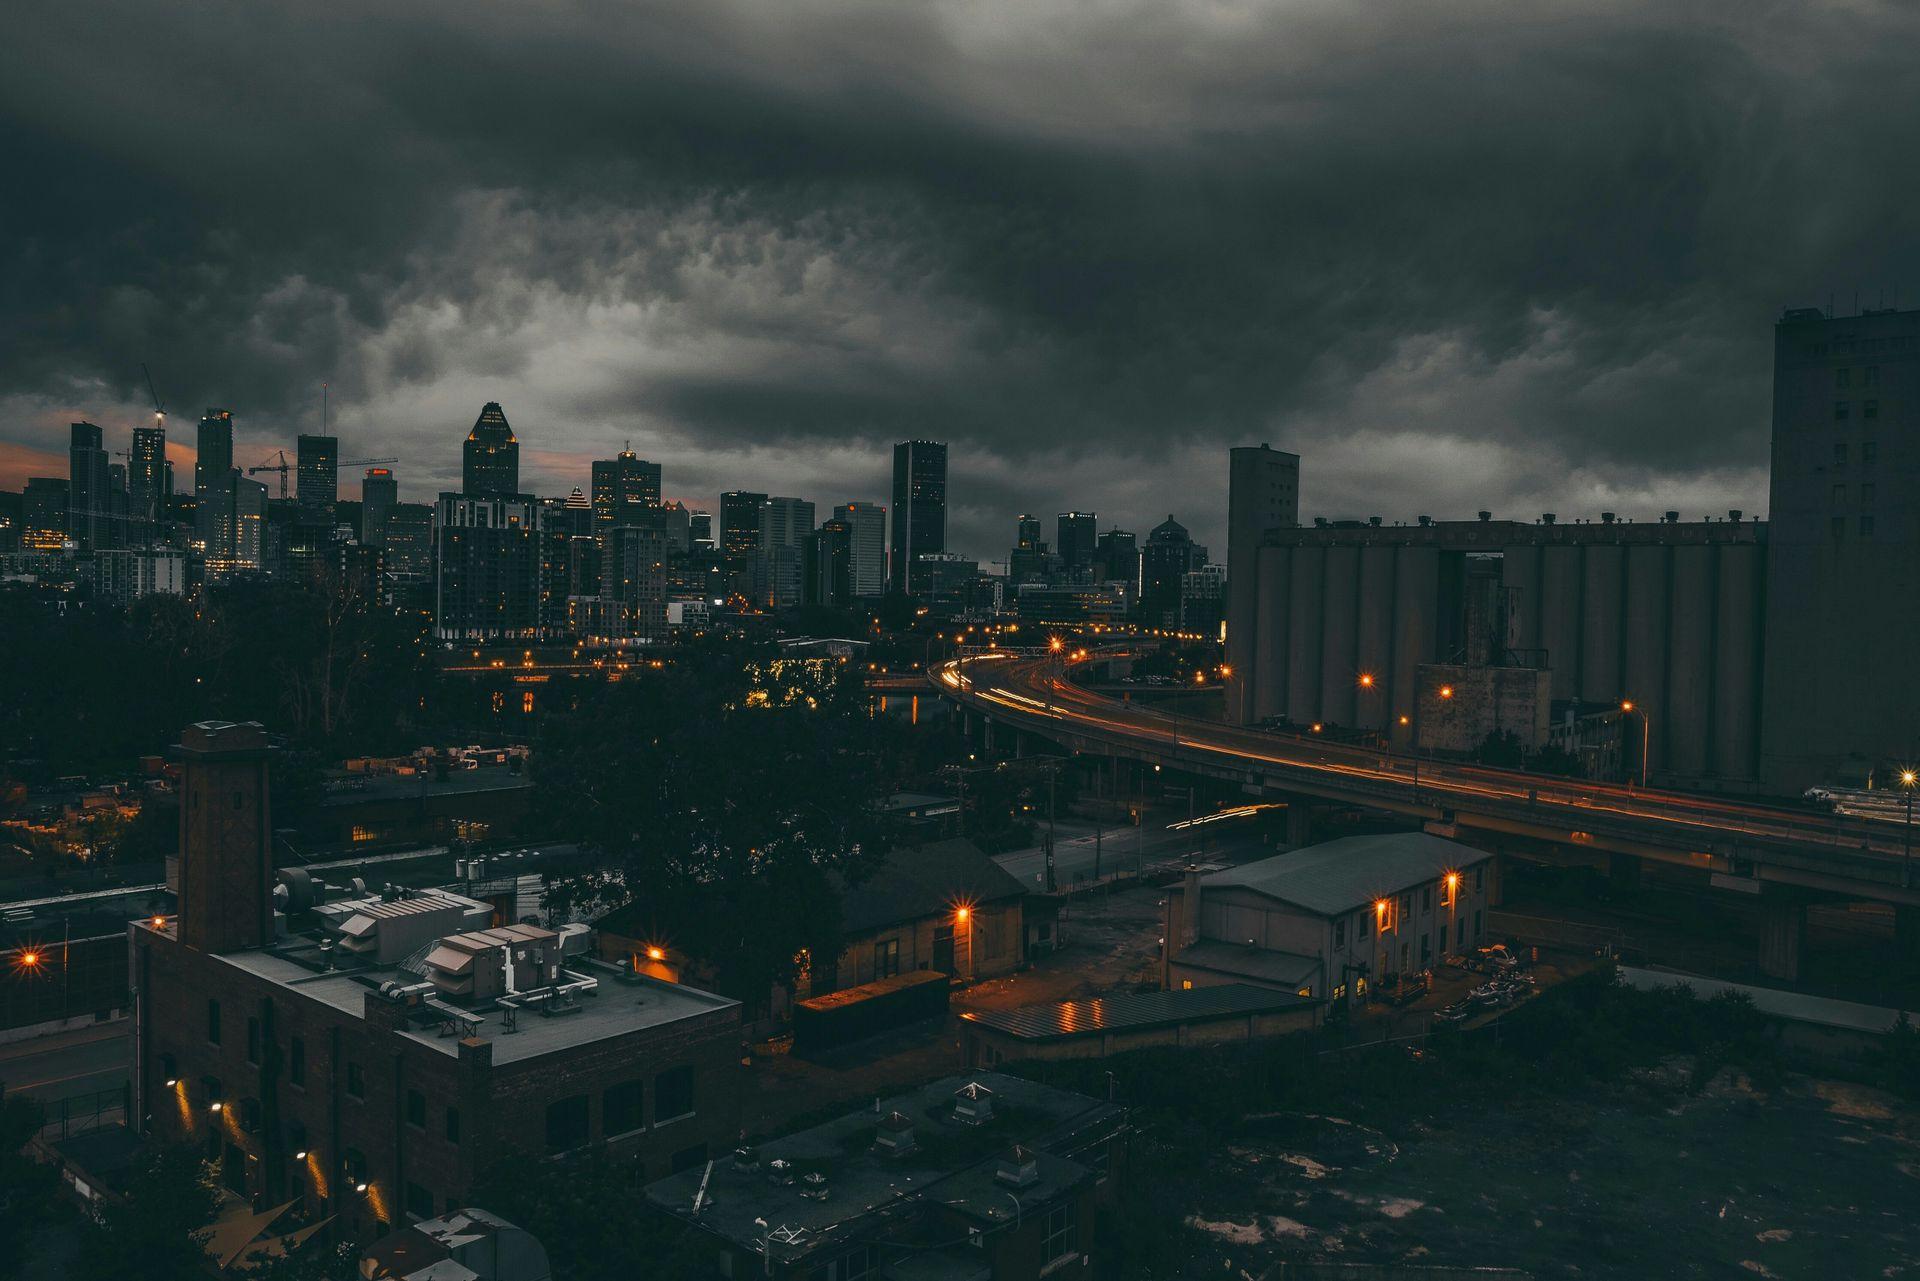 Hình ảnh thành phố buồn về đêm